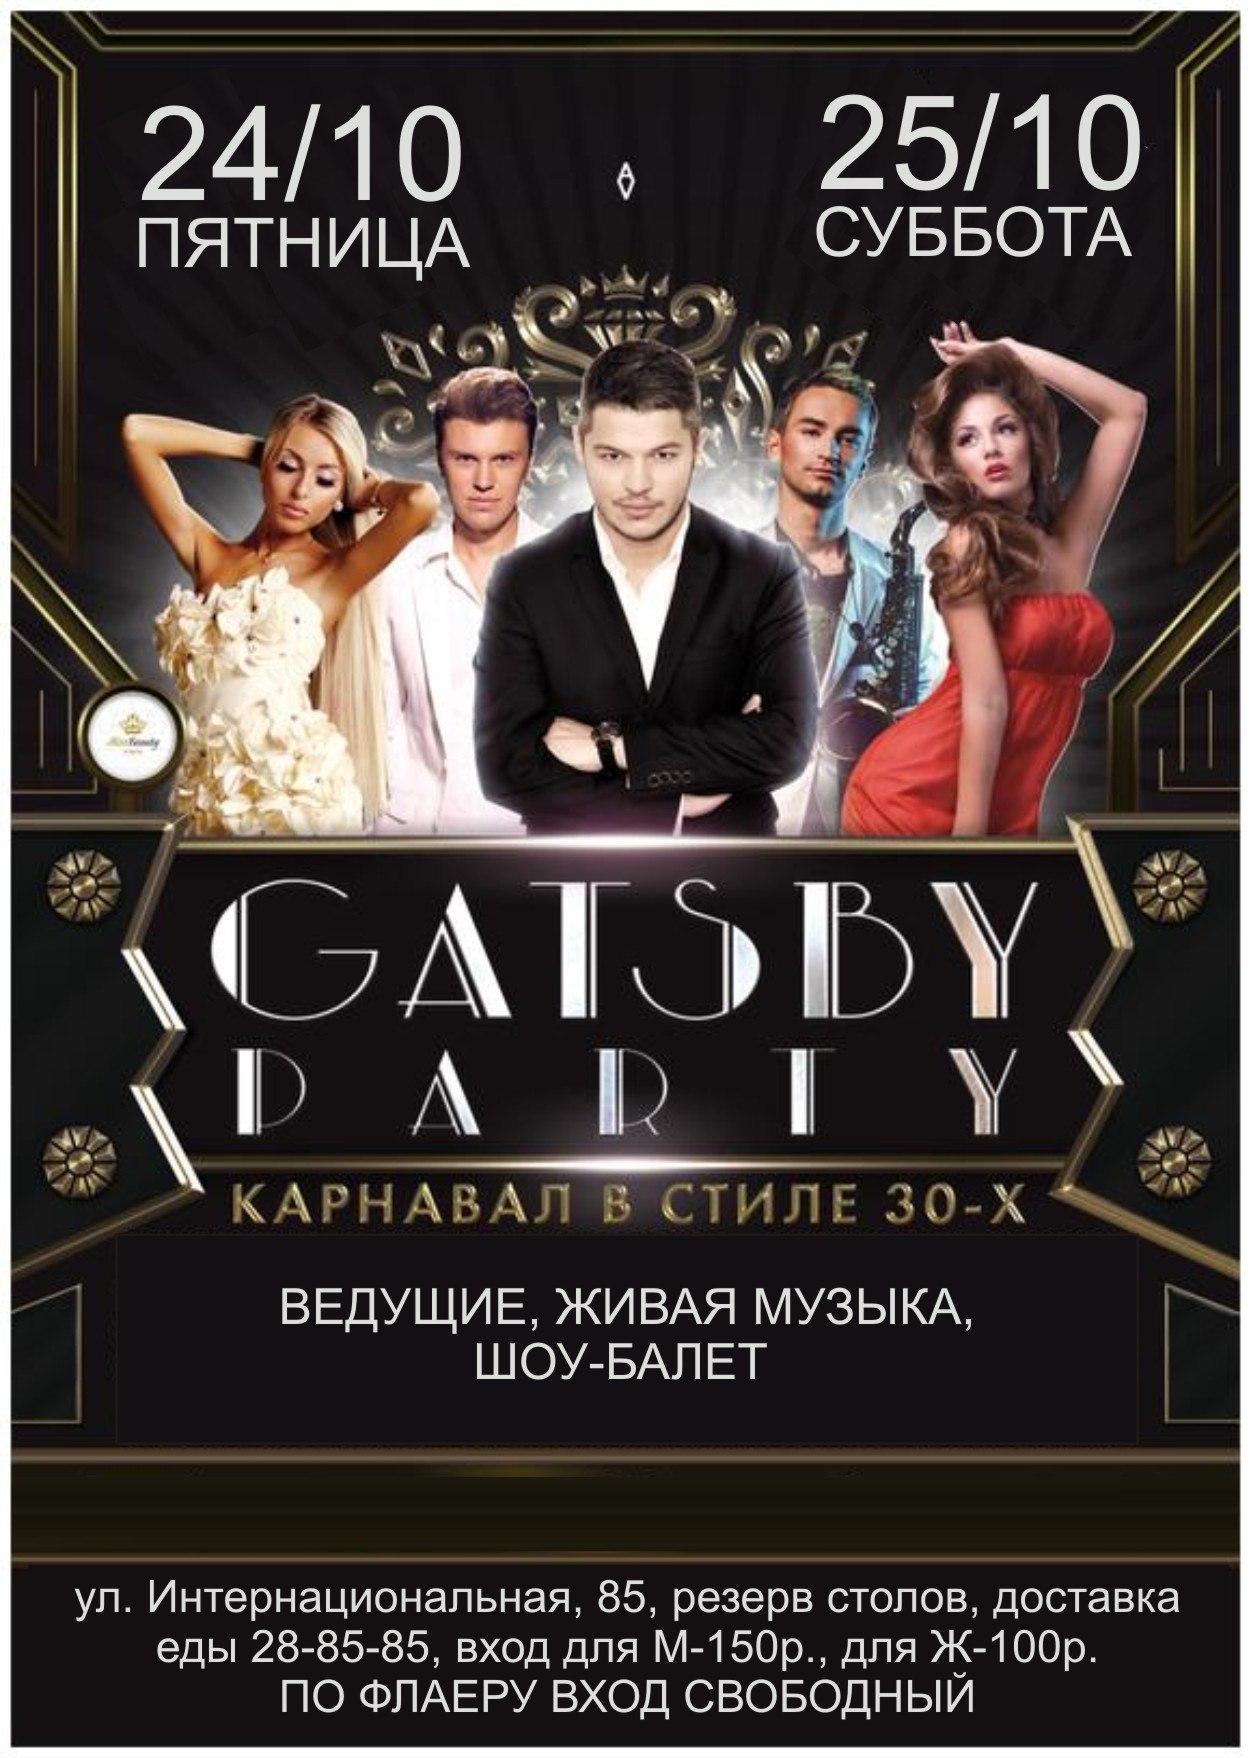 Частные русские вечеринки дискотека 8 фотография